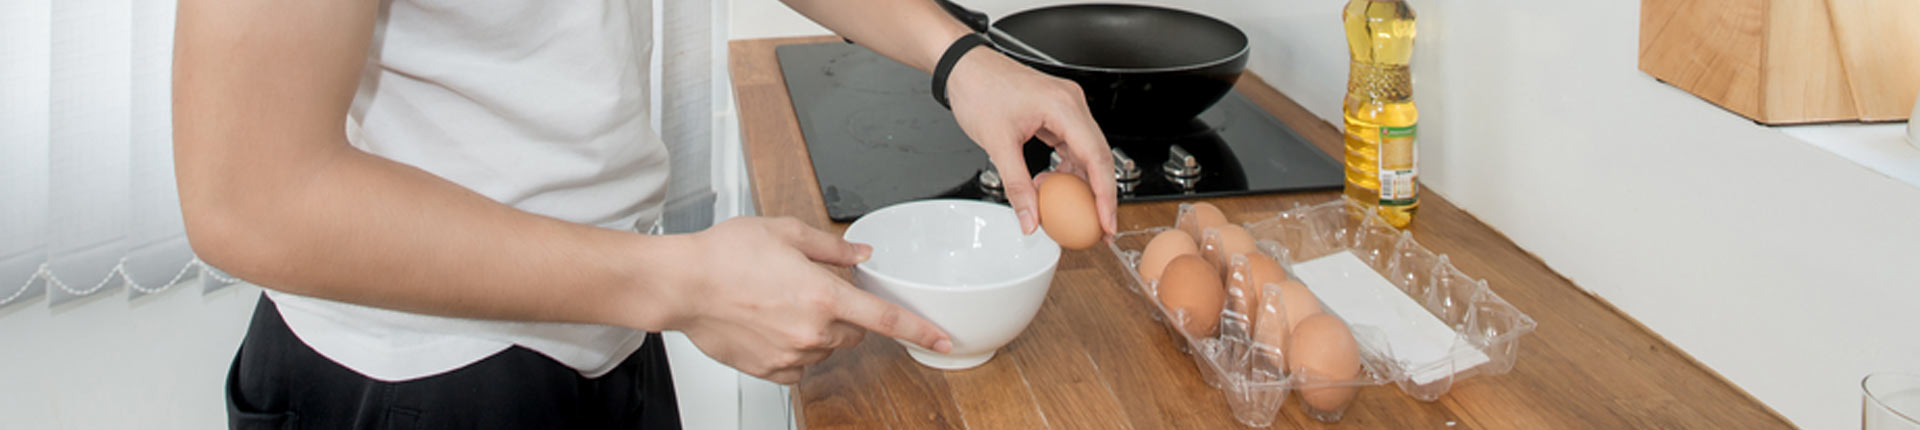 Ile jajek dziennie? Czy jedzenie jednego jajka dziennie jest bezpieczne?